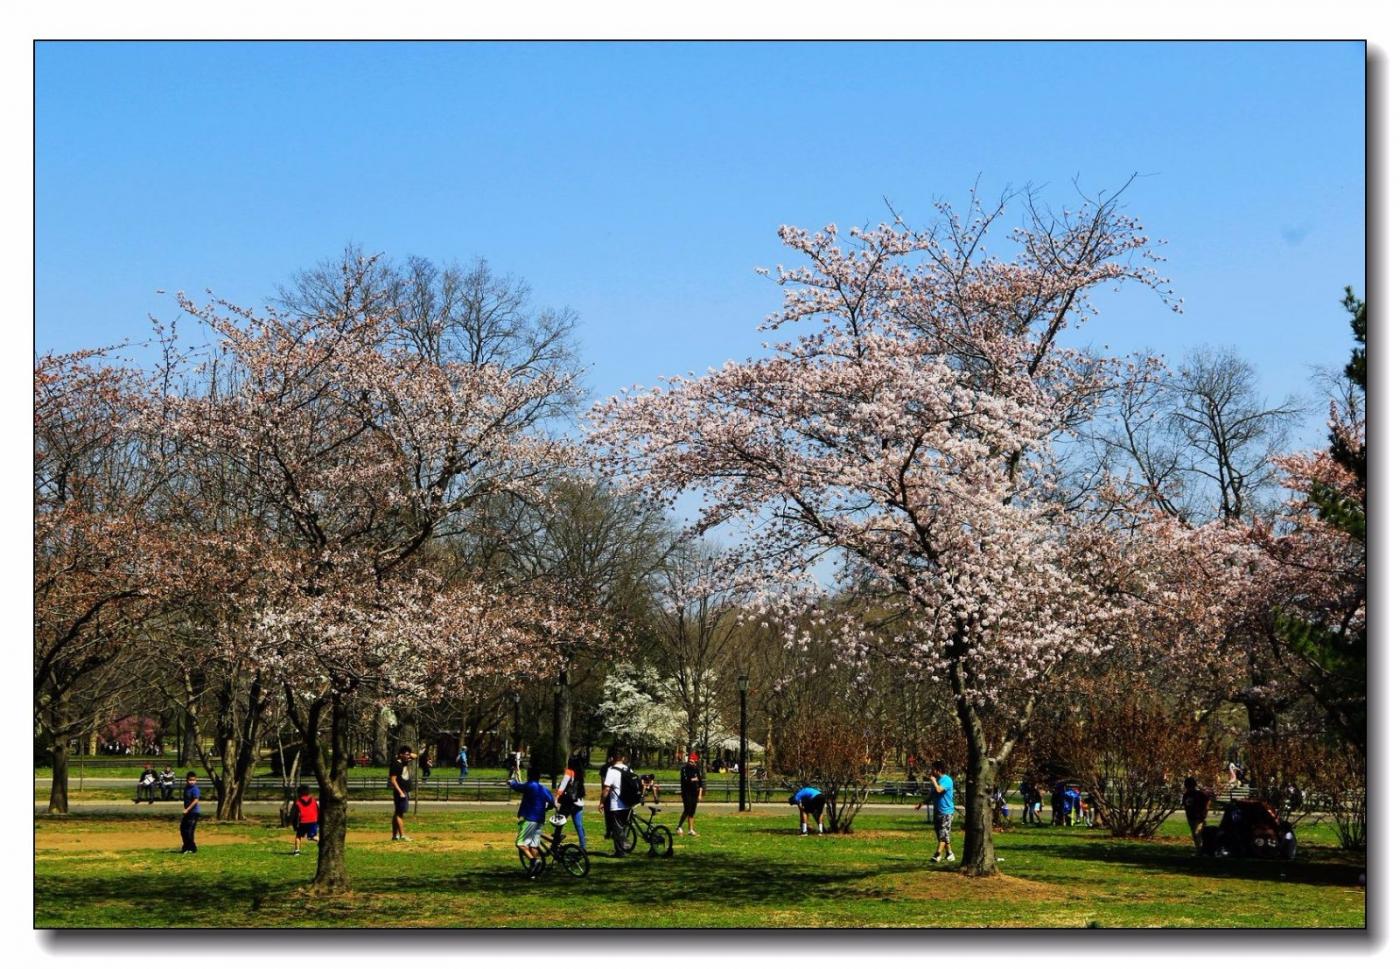 春滿可樂娜公園_圖1-14